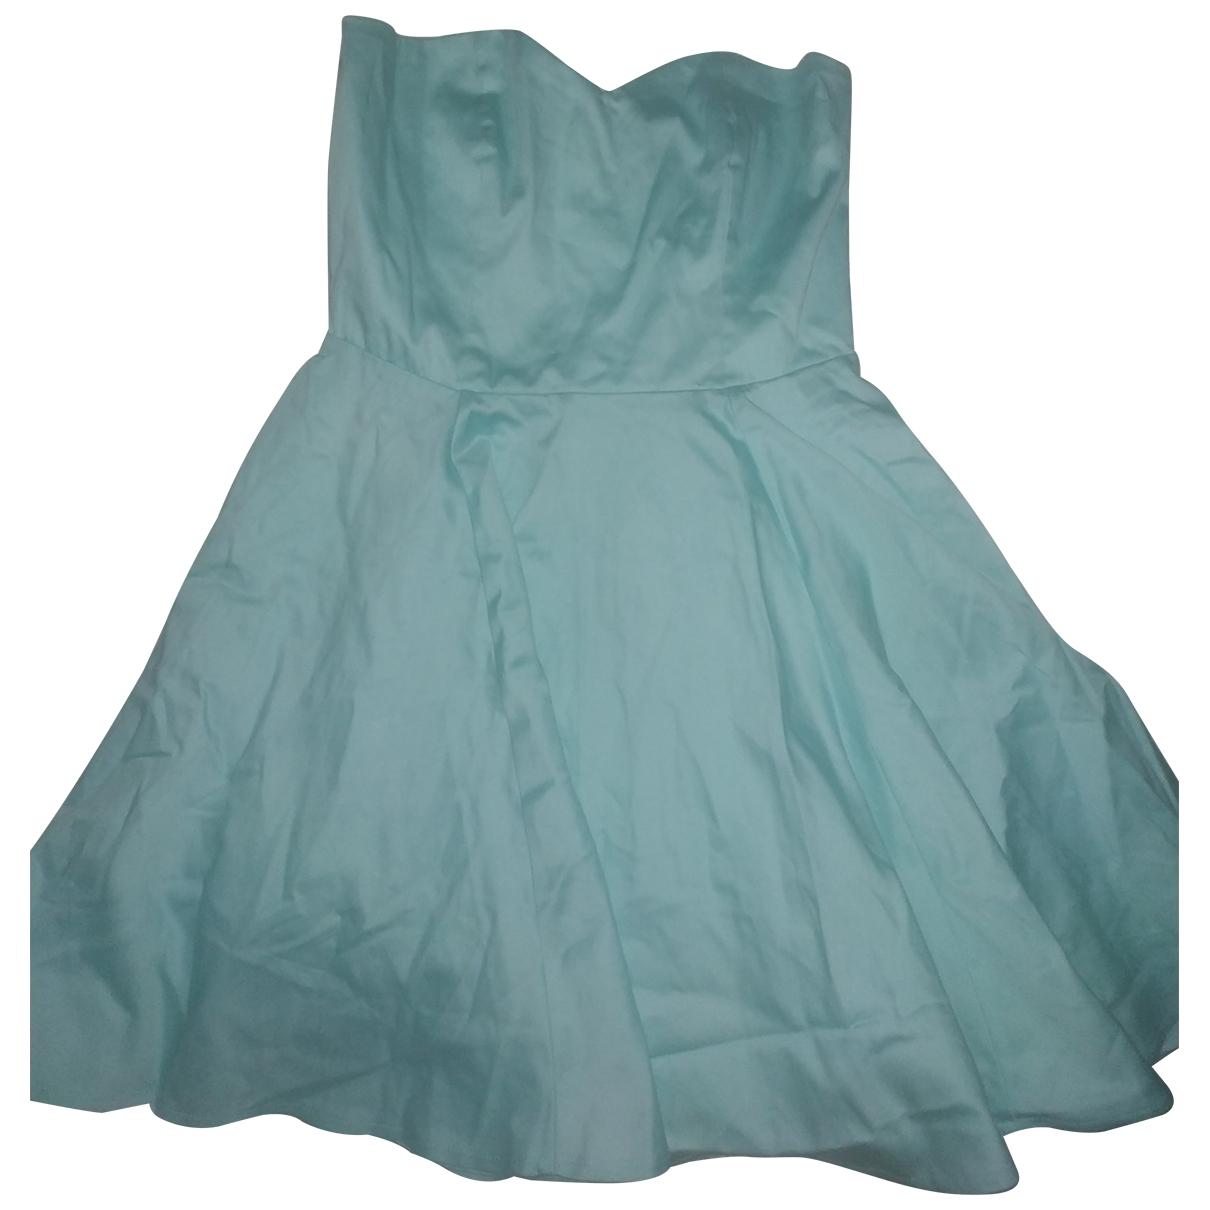 Asos \N Navy Cotton - elasthane dress for Women 6 UK